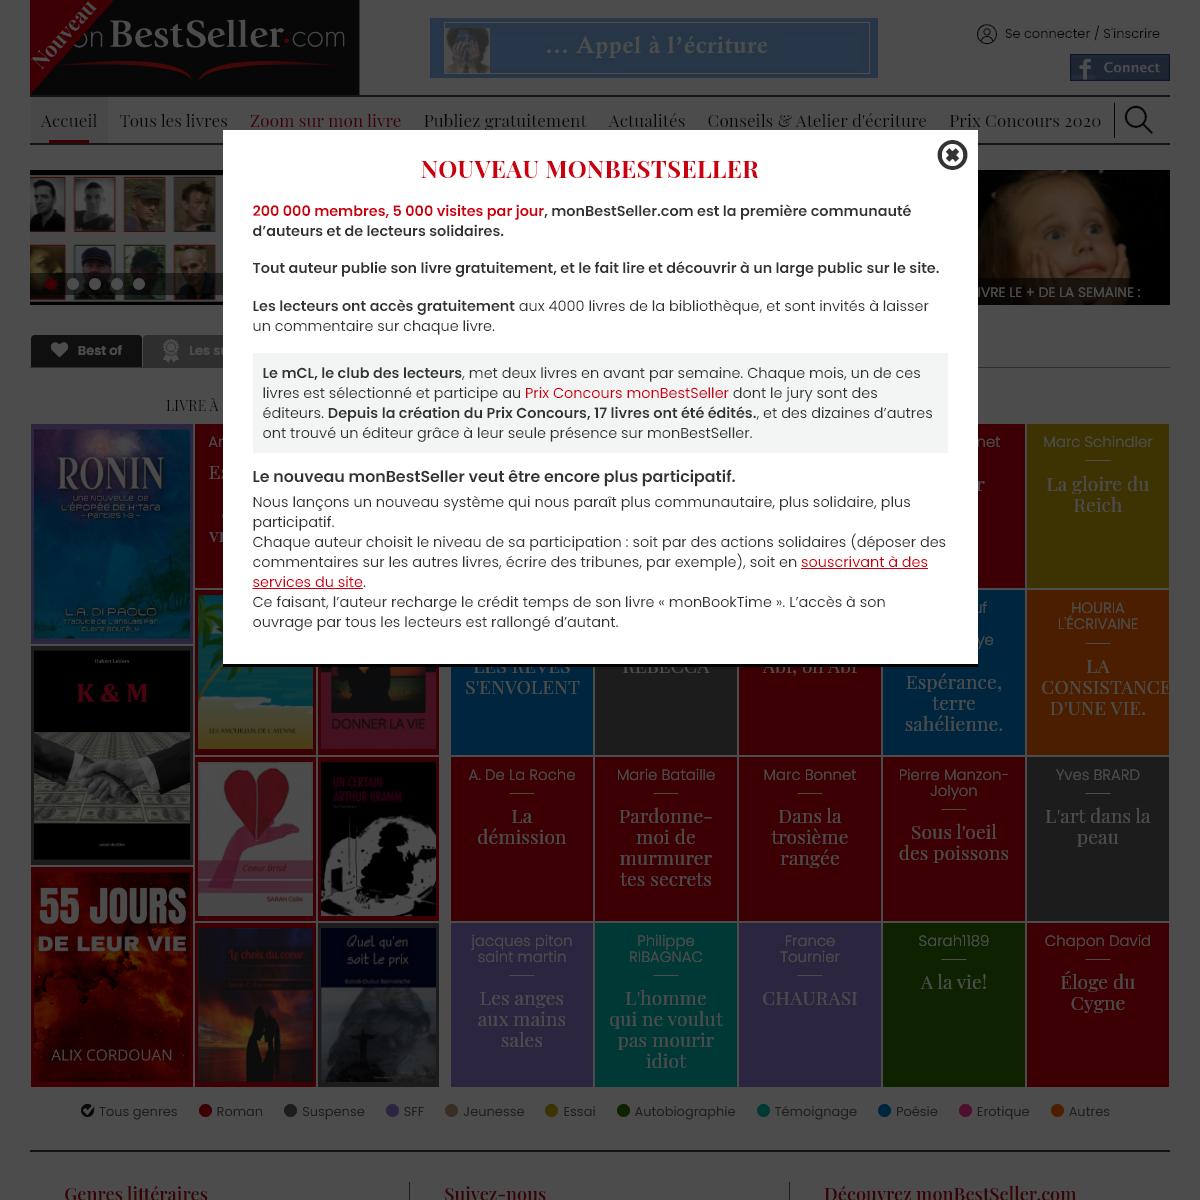 Livres PDF gratuits - les Best Of monBestSeller